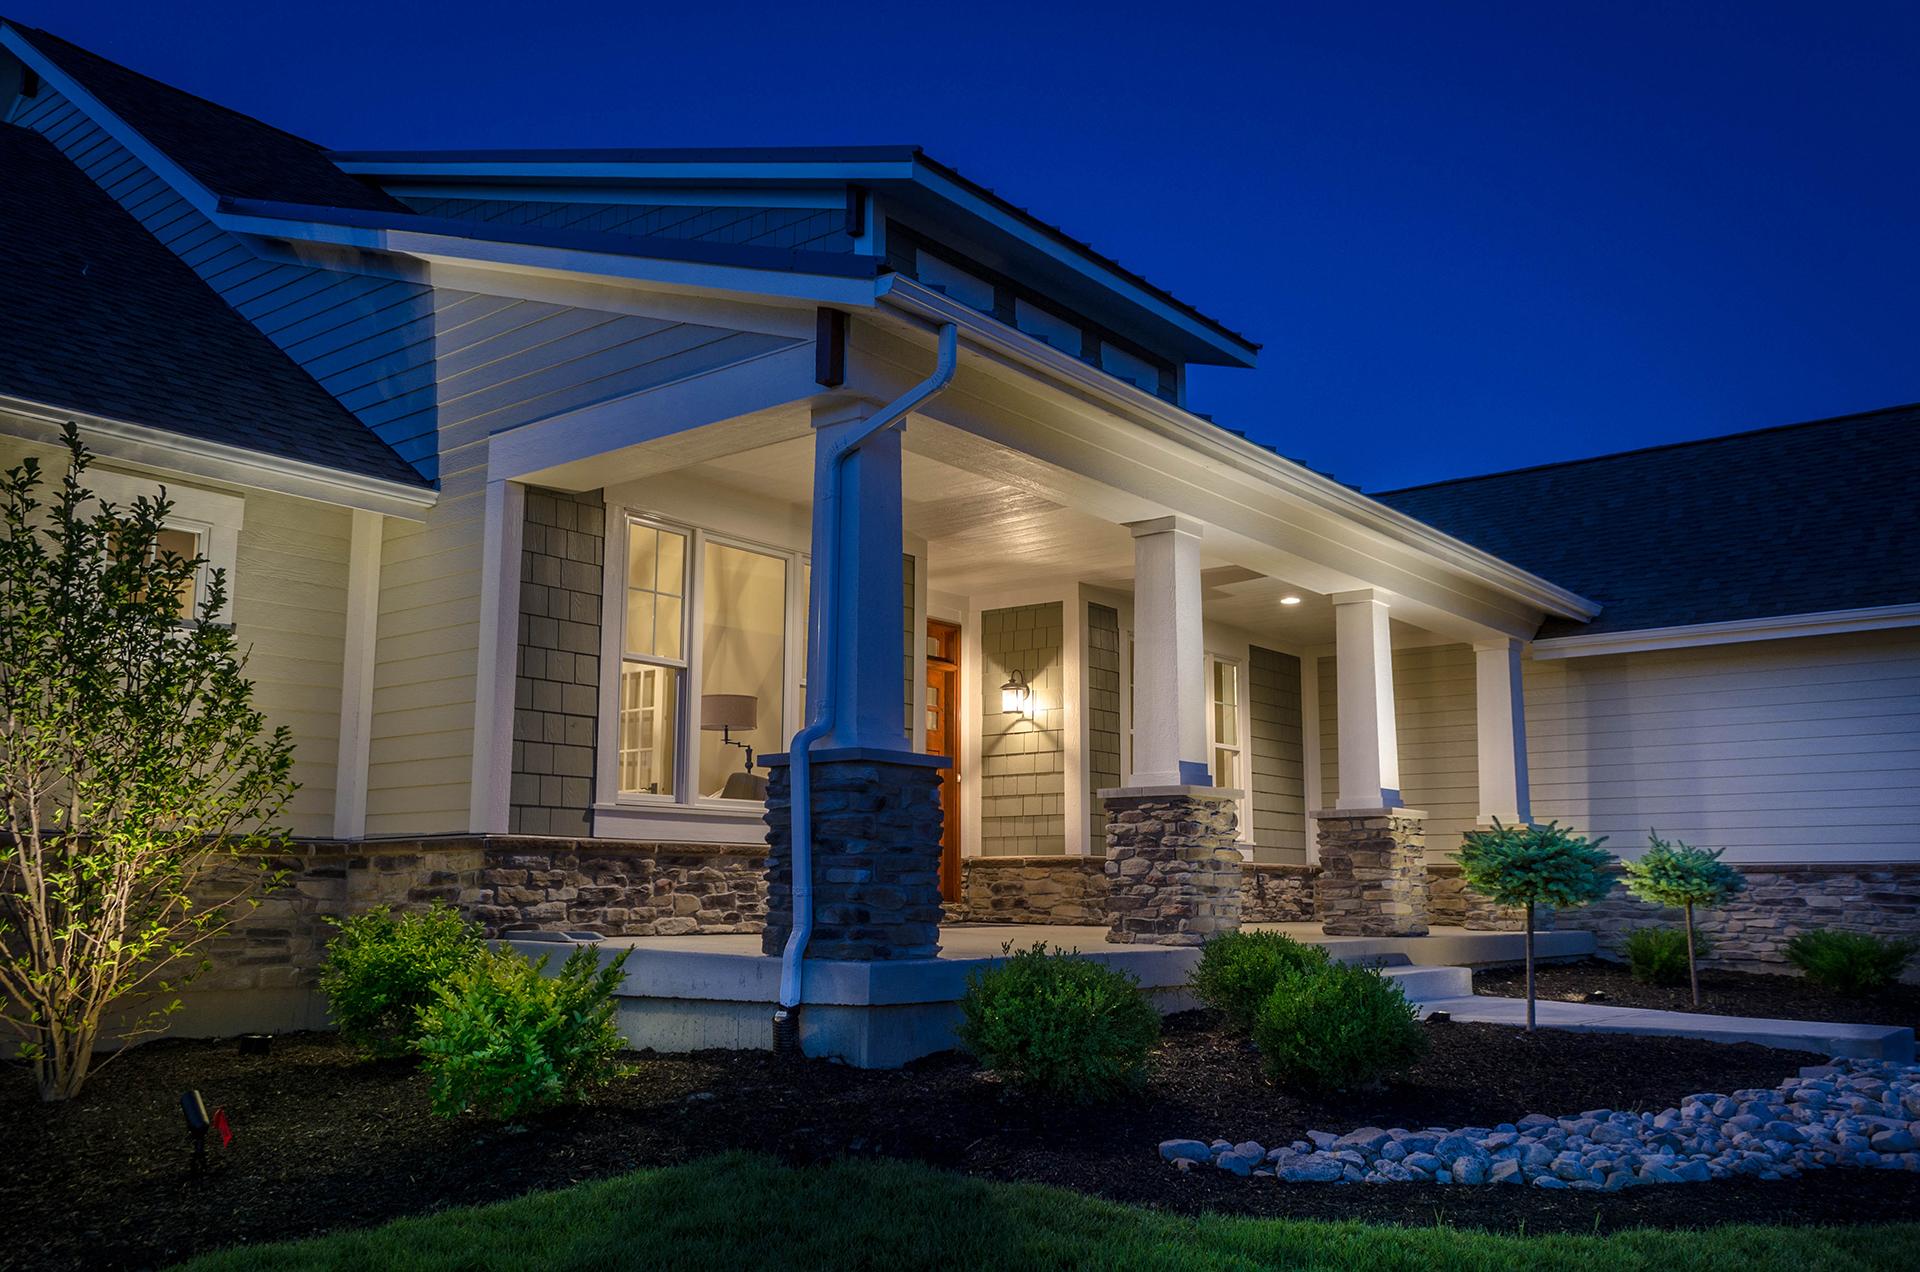 Lighting for your custom home design homes for Colorado custom home designs